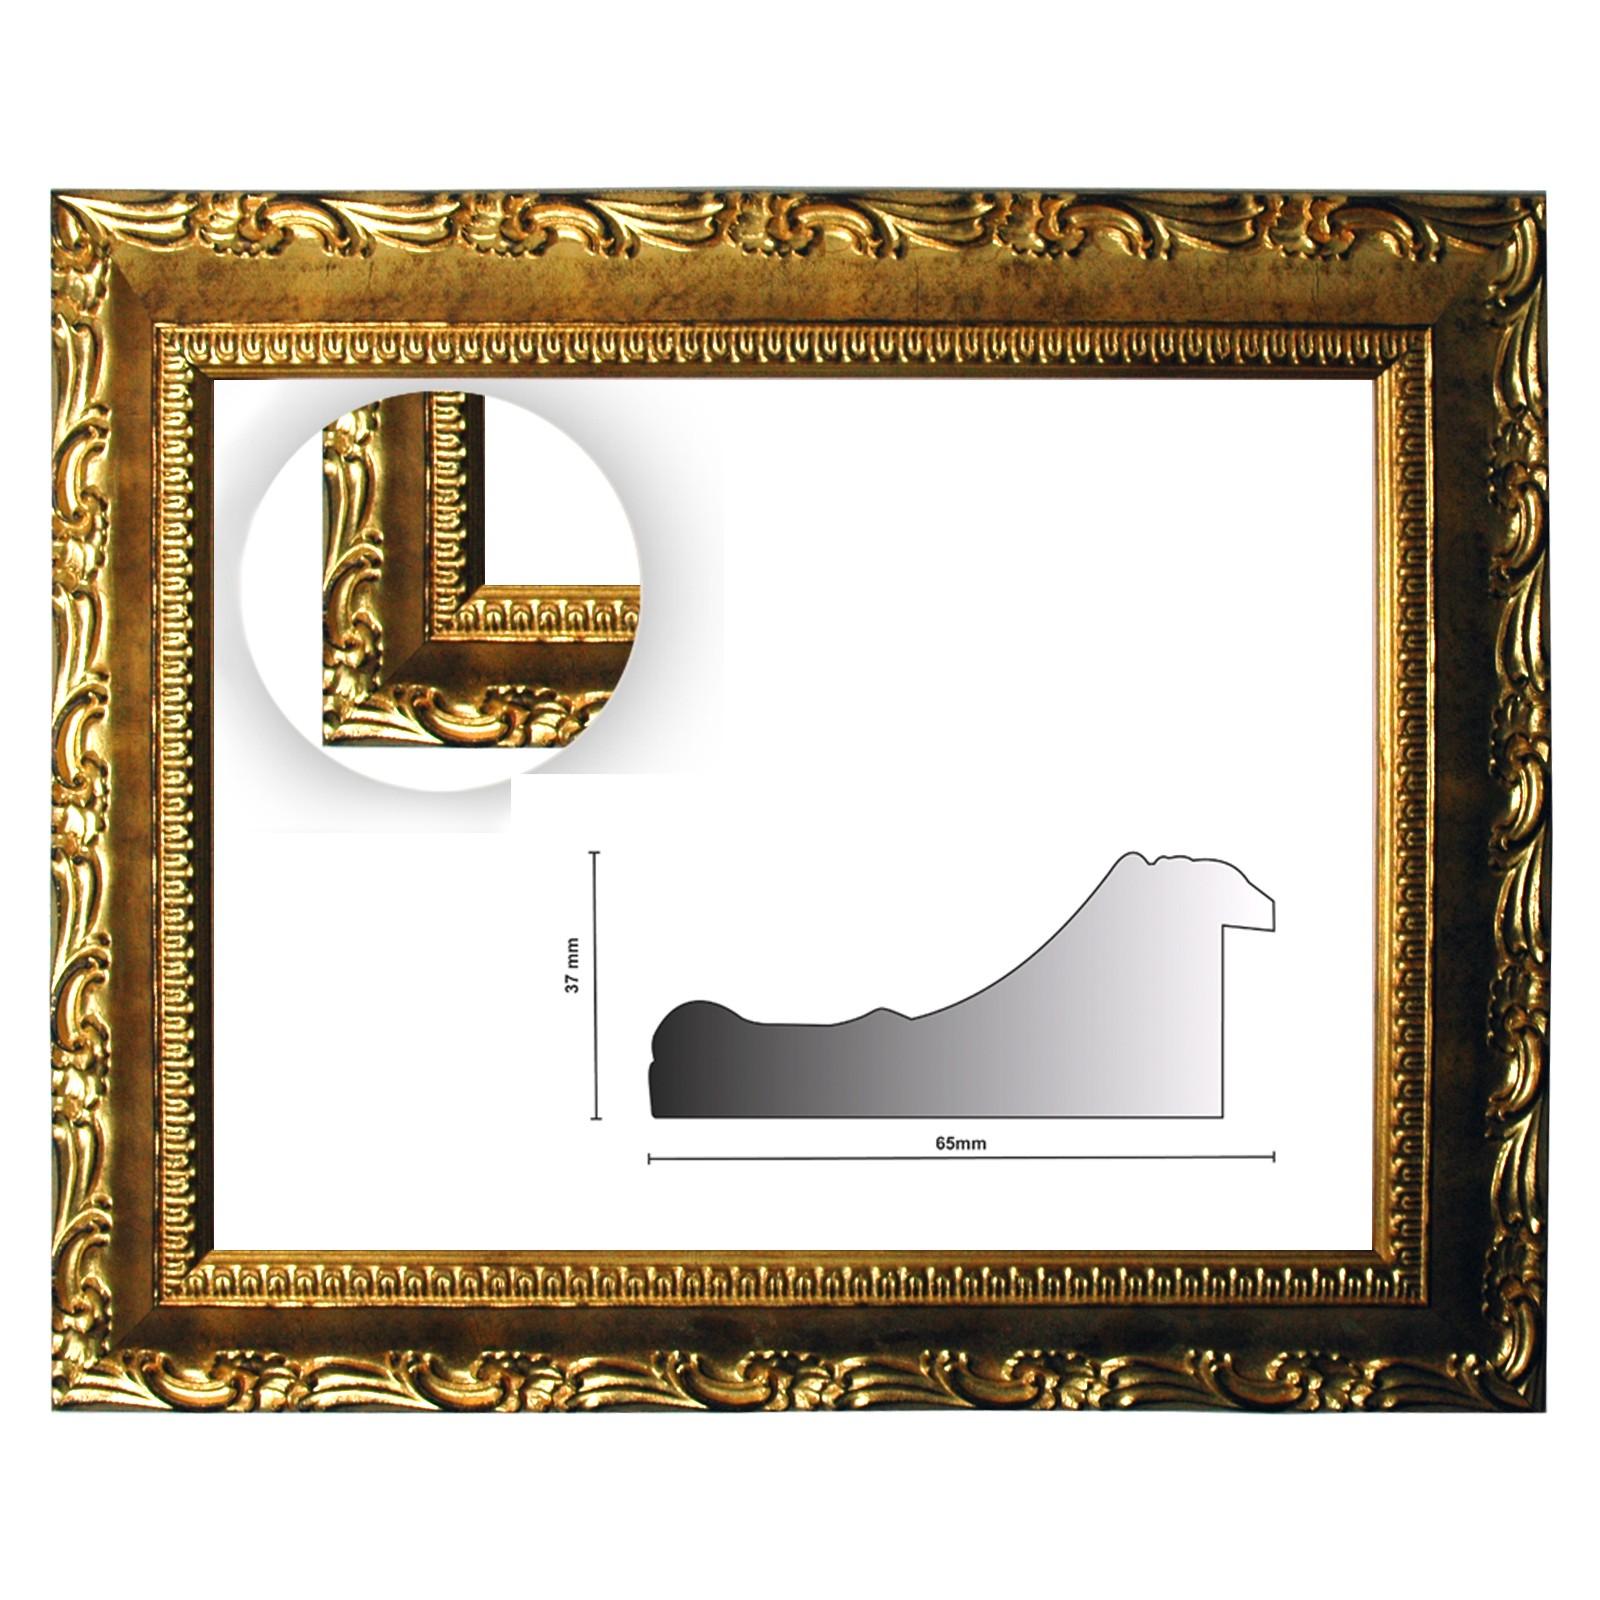 Barockrahmen gold fein verziert ORO - Günstig online bestellen